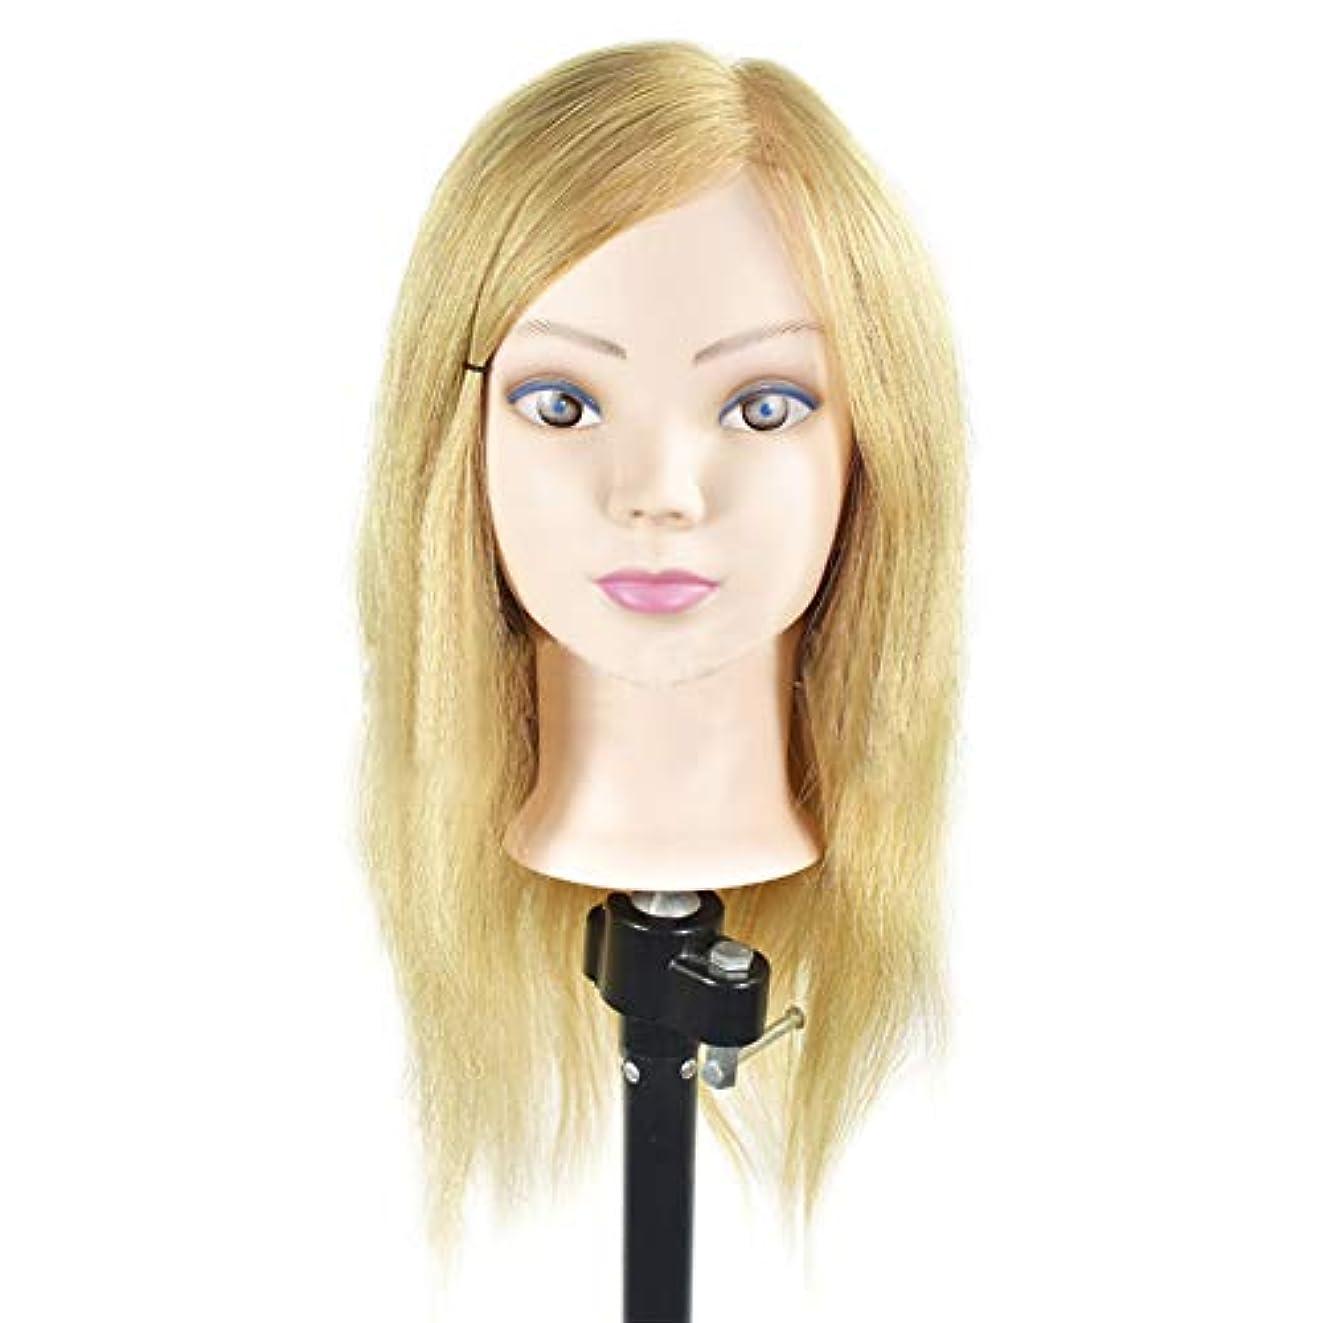 無意識四分円ケント本物の髪髪編組髪ヘアホット染料ヘッド型サロンモデリングウィッグエクササイズヘッド散髪学習ダミーヘッド